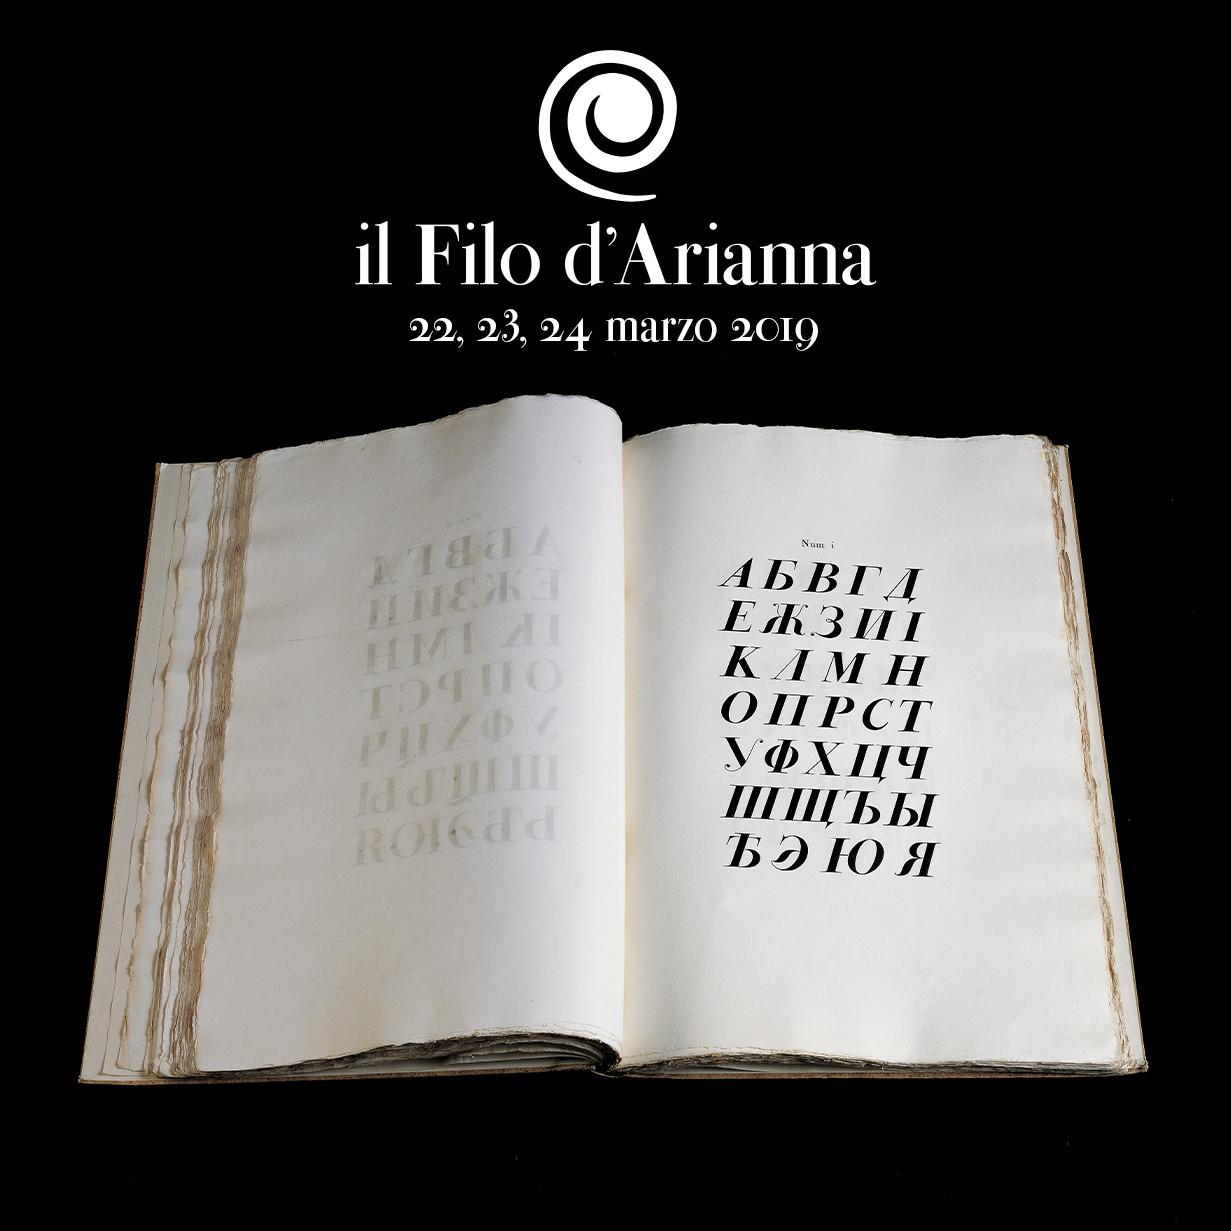 Il Filo d'Arianna  Libri di pregio antichi e moderni nel Labirinto di Franco Maria Ricci